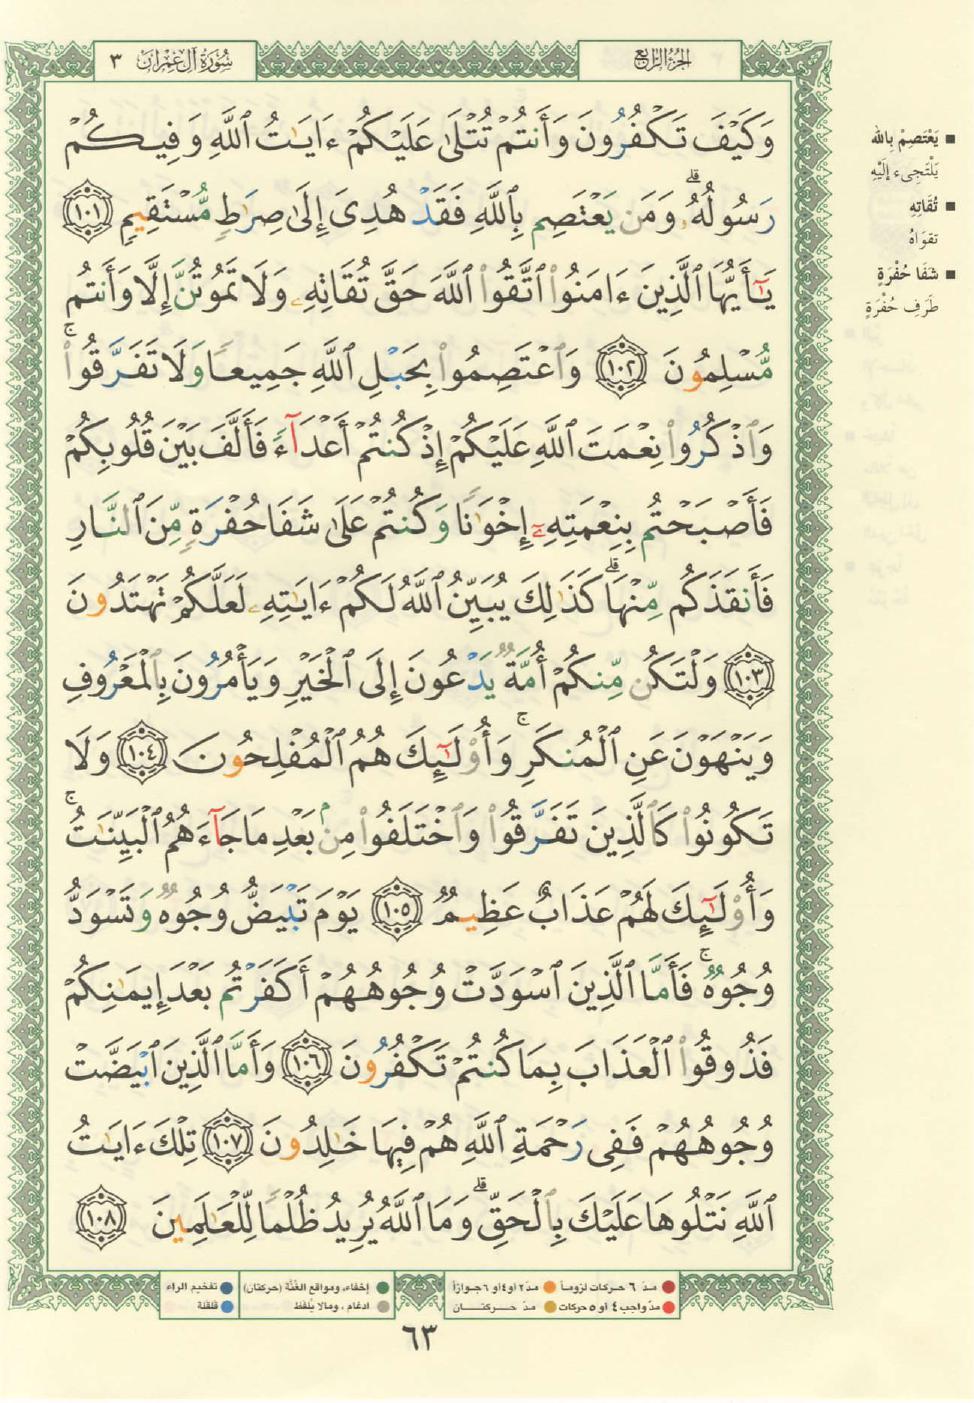 3. سورة آل عمران - Al-Imran مصورة من المصحف الشريف Quran_tajwid_000072